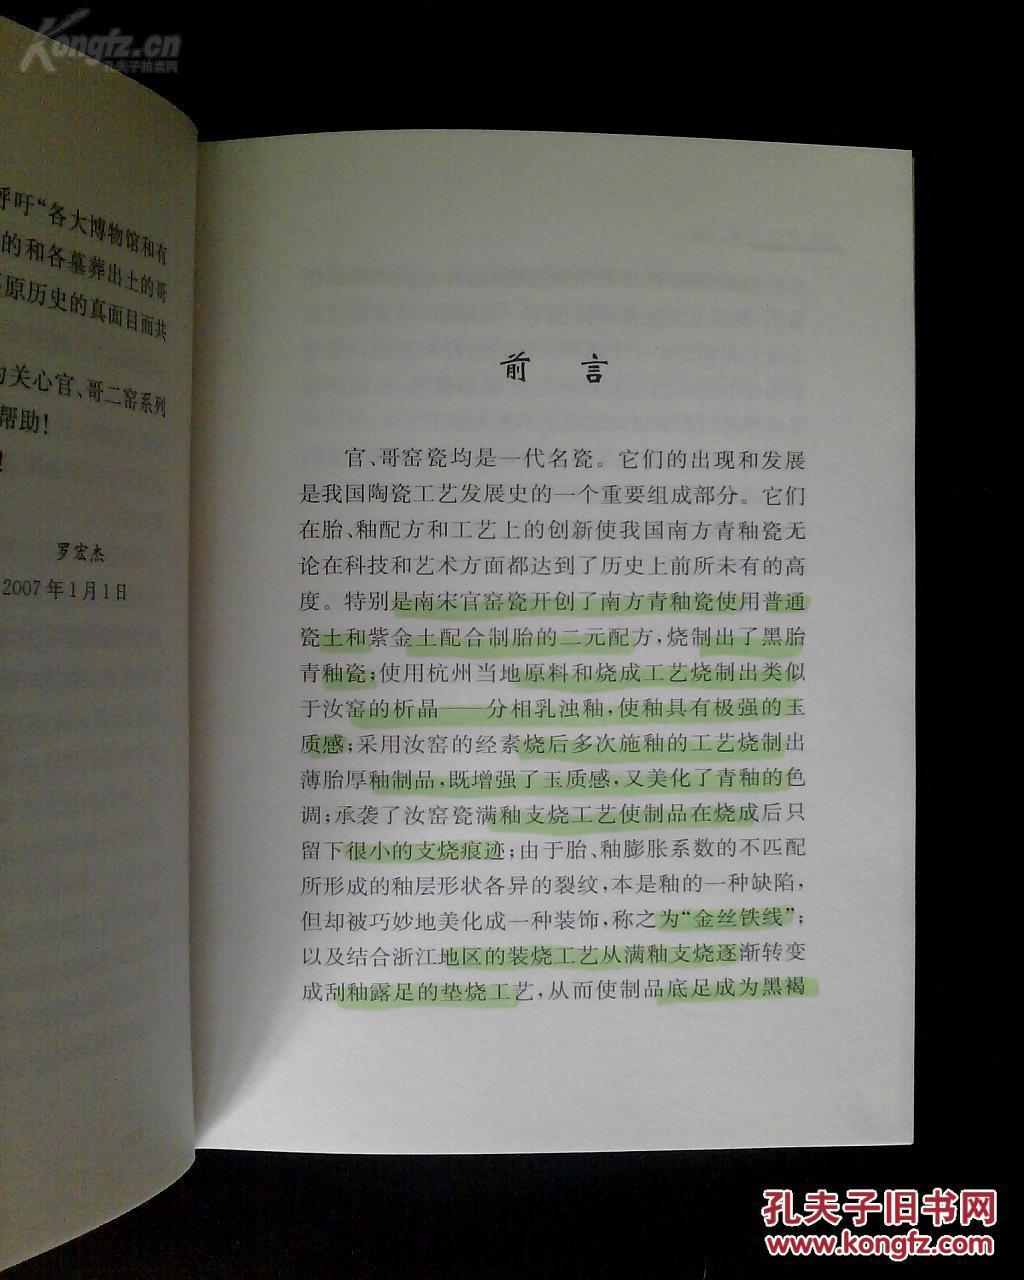 著名古陶瓷专家李家治著《简论官哥二窑--科技研究为官哥等窑时空定位》(2007年一版一印1000册);